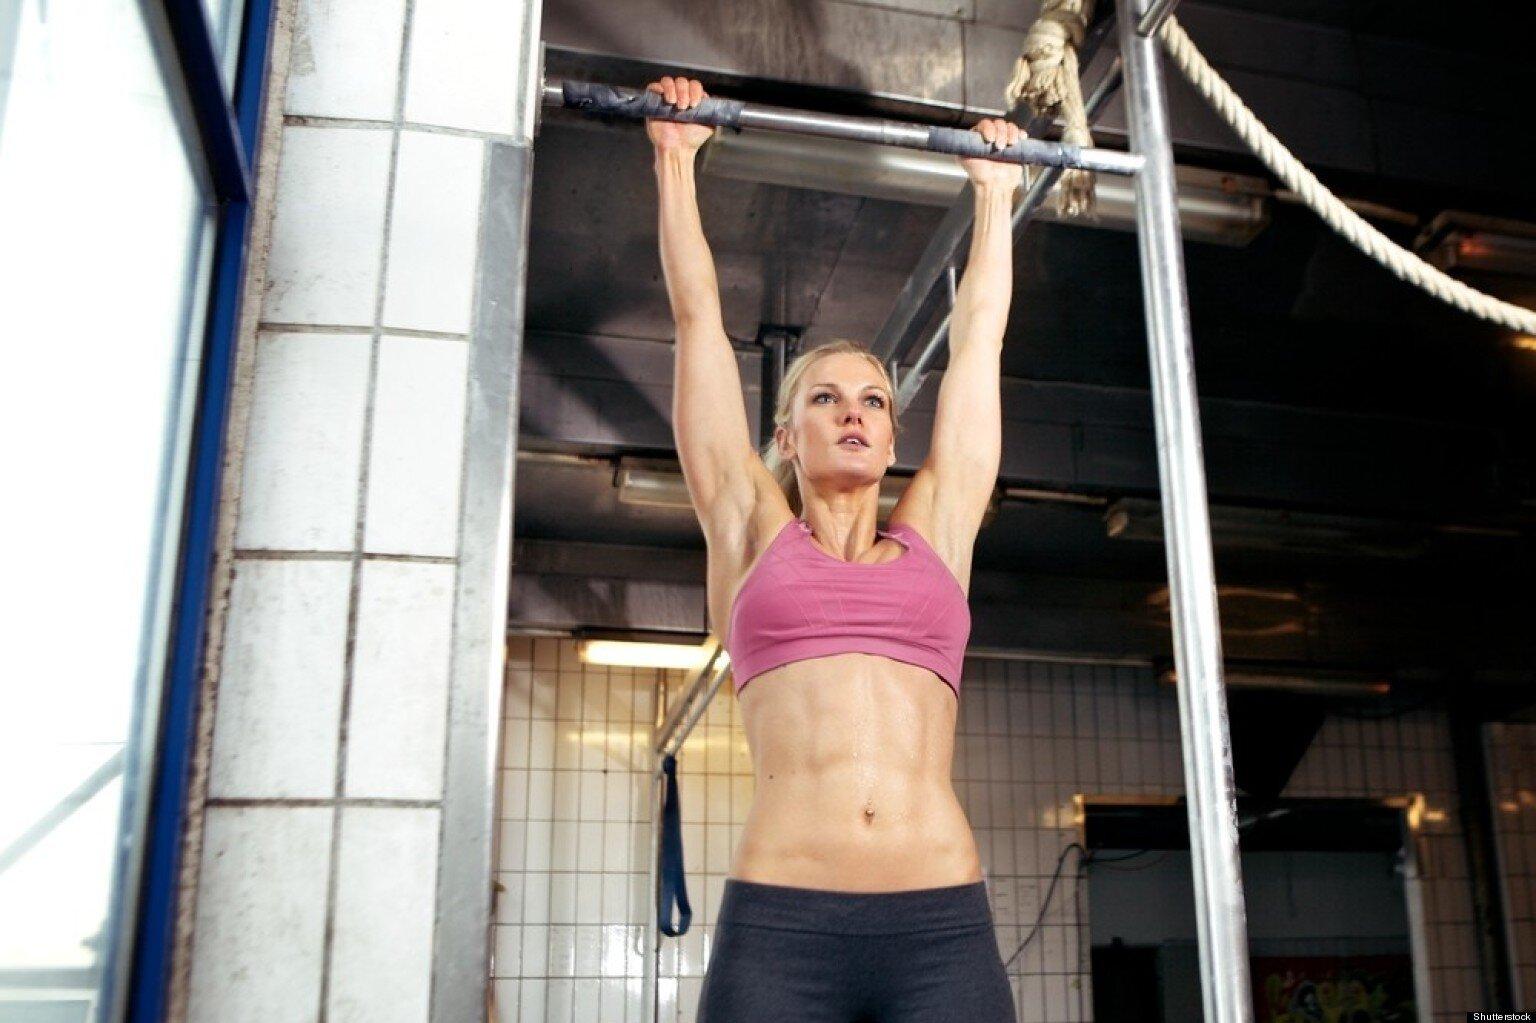 Tập luyện bằng xà đơn treo tường giúp lấy lại vóc dáng khỏe khoắn nhanh chóng